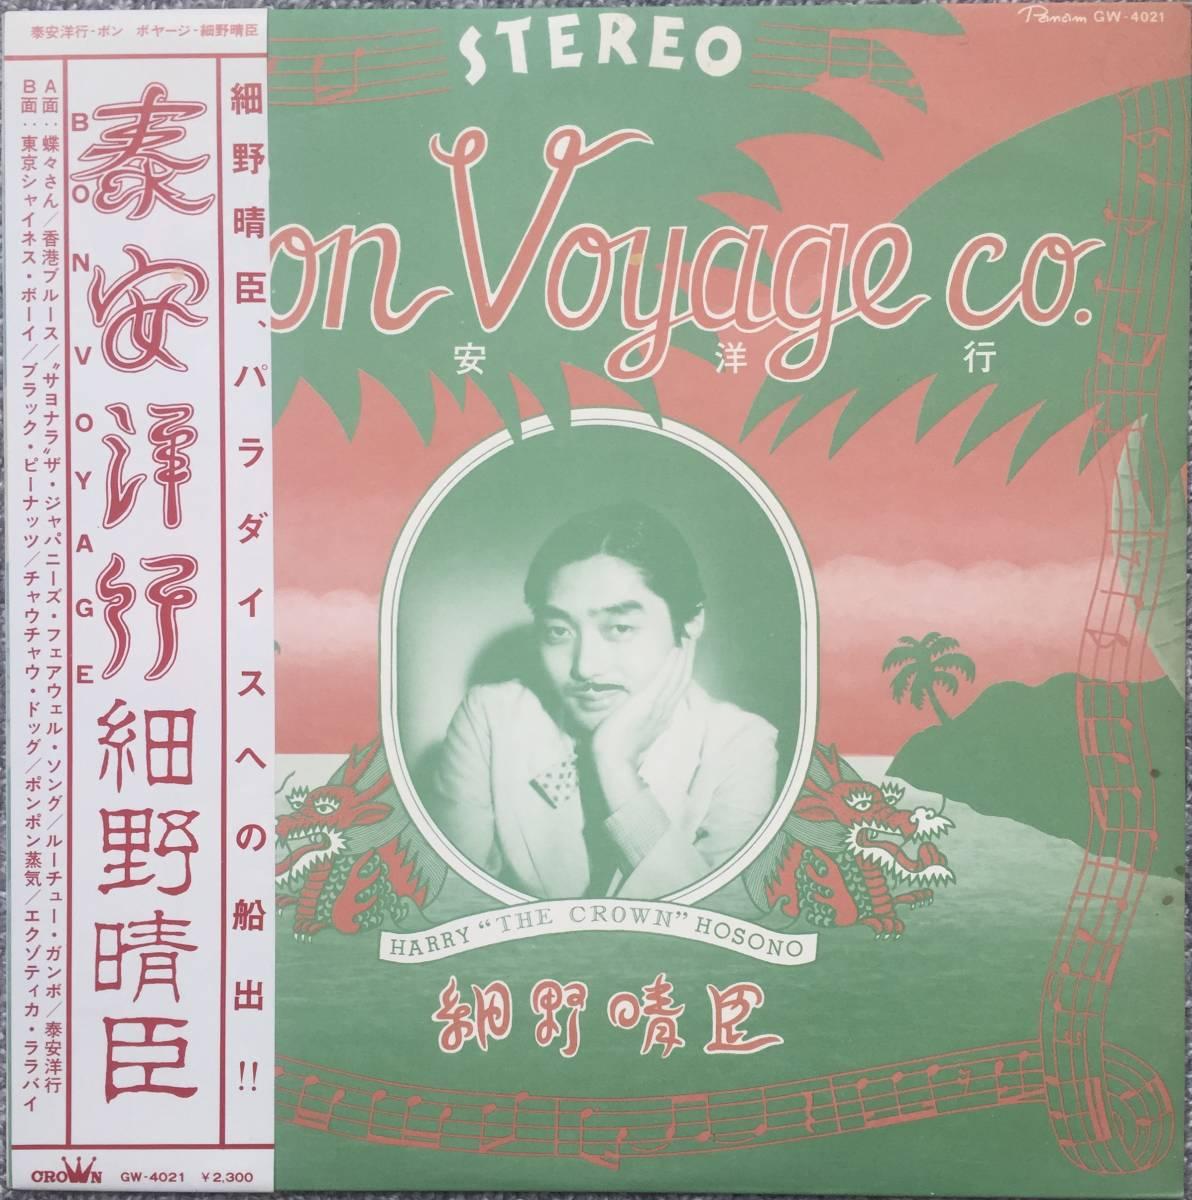 極美盤 帯付き 細野晴臣 - Bon Voyage Co. 泰安洋行 Harry The Crown Hosono Haruomi GW-4021 ブックレット完備 初回オリジナル 和モノ LP